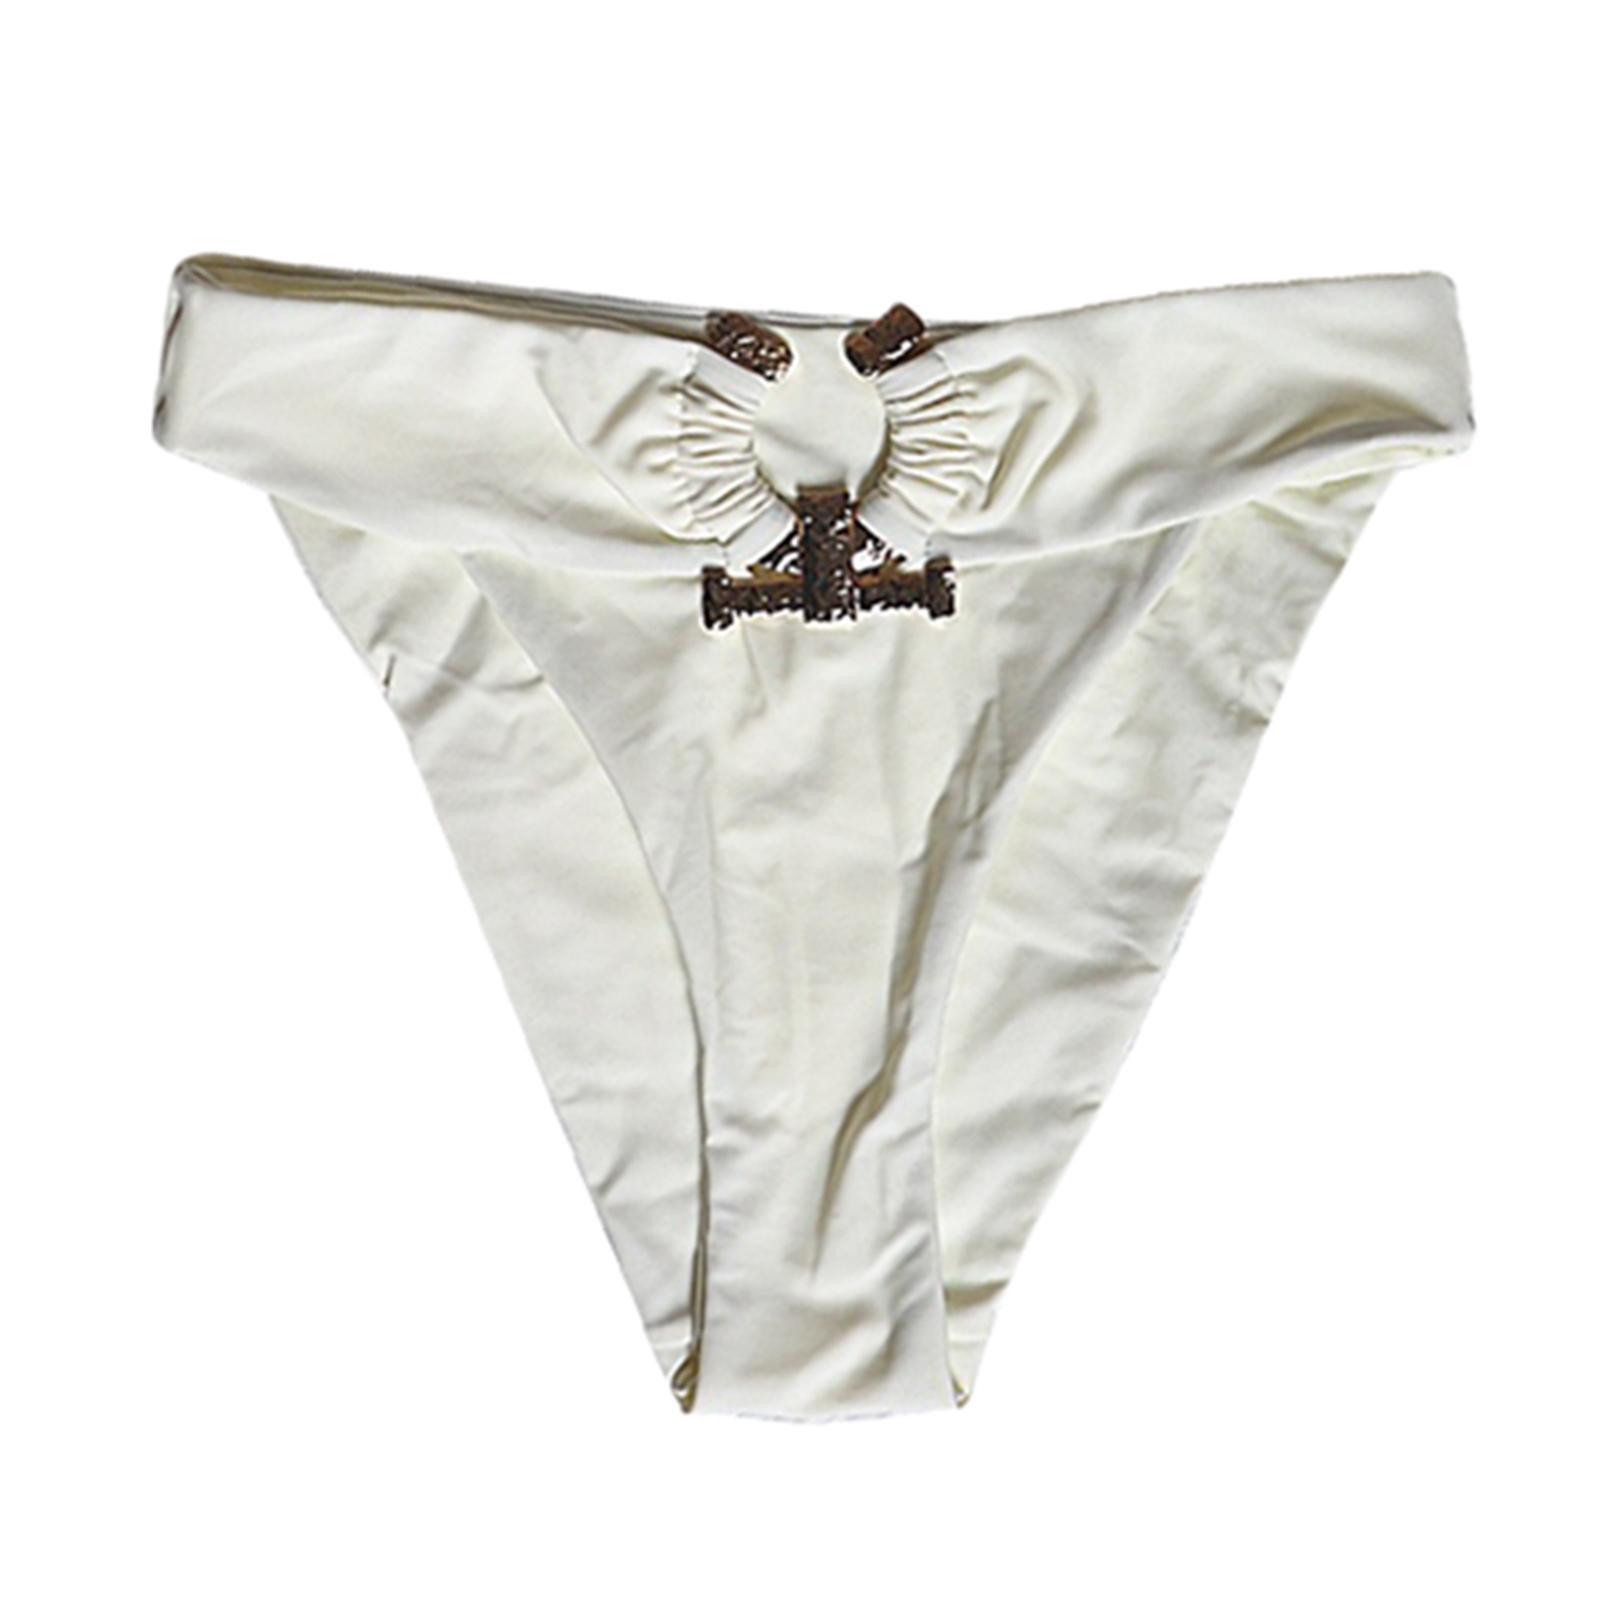 Indexbild 4 - Zwei Stücke Bikini Set Strappy Bademode Party Badeanzug Tankini Bademode